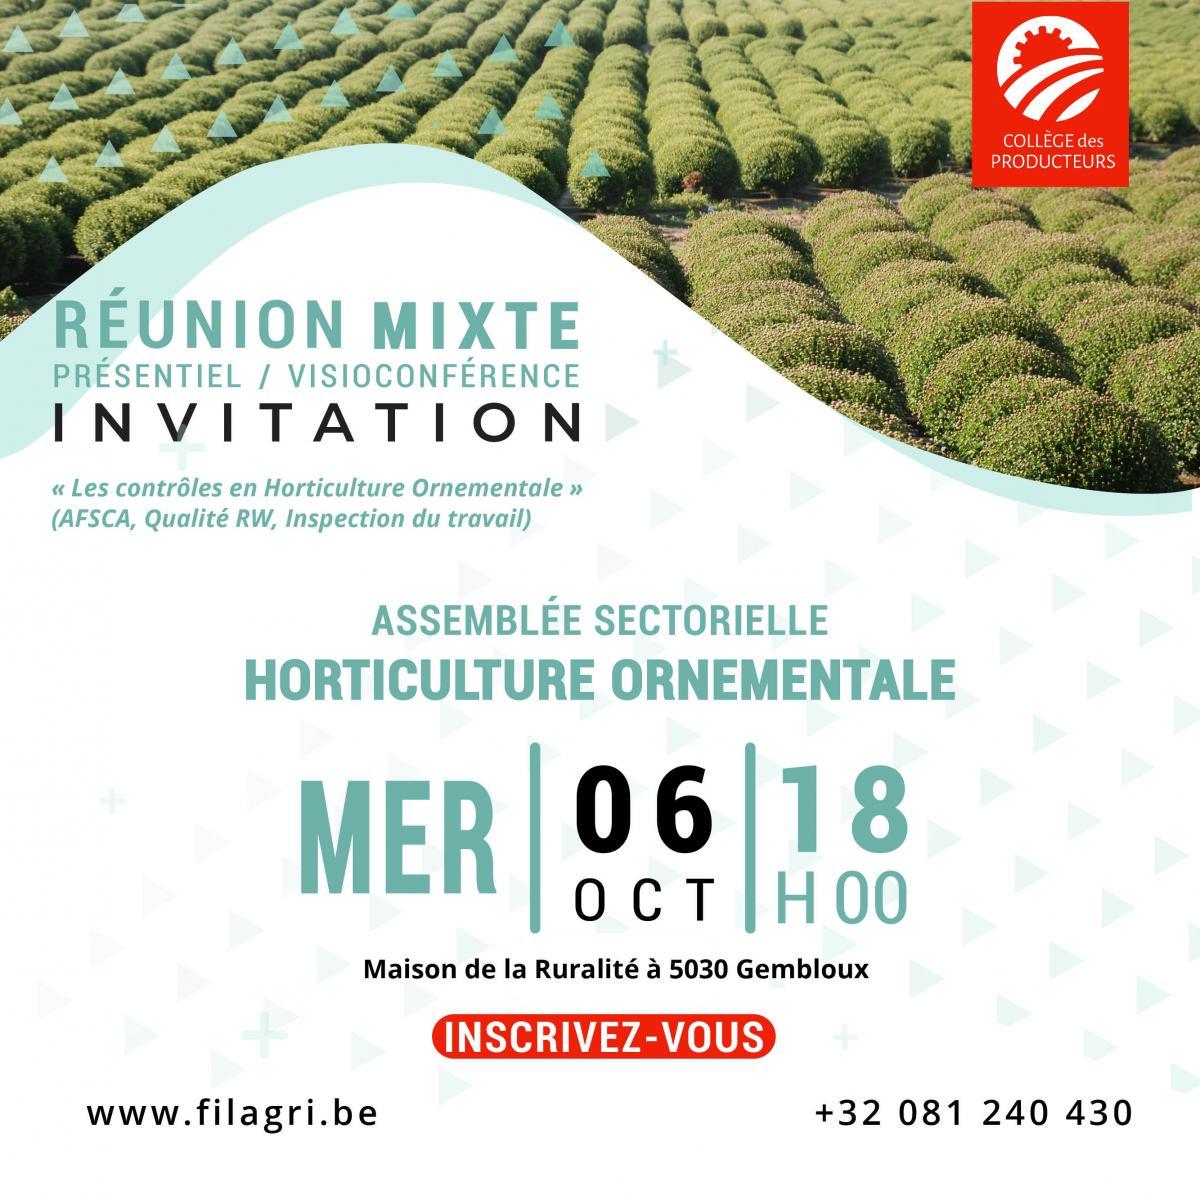 Assemblée sectorielle Horticulture Ornementale - Mercredi 6? octobre à 18h